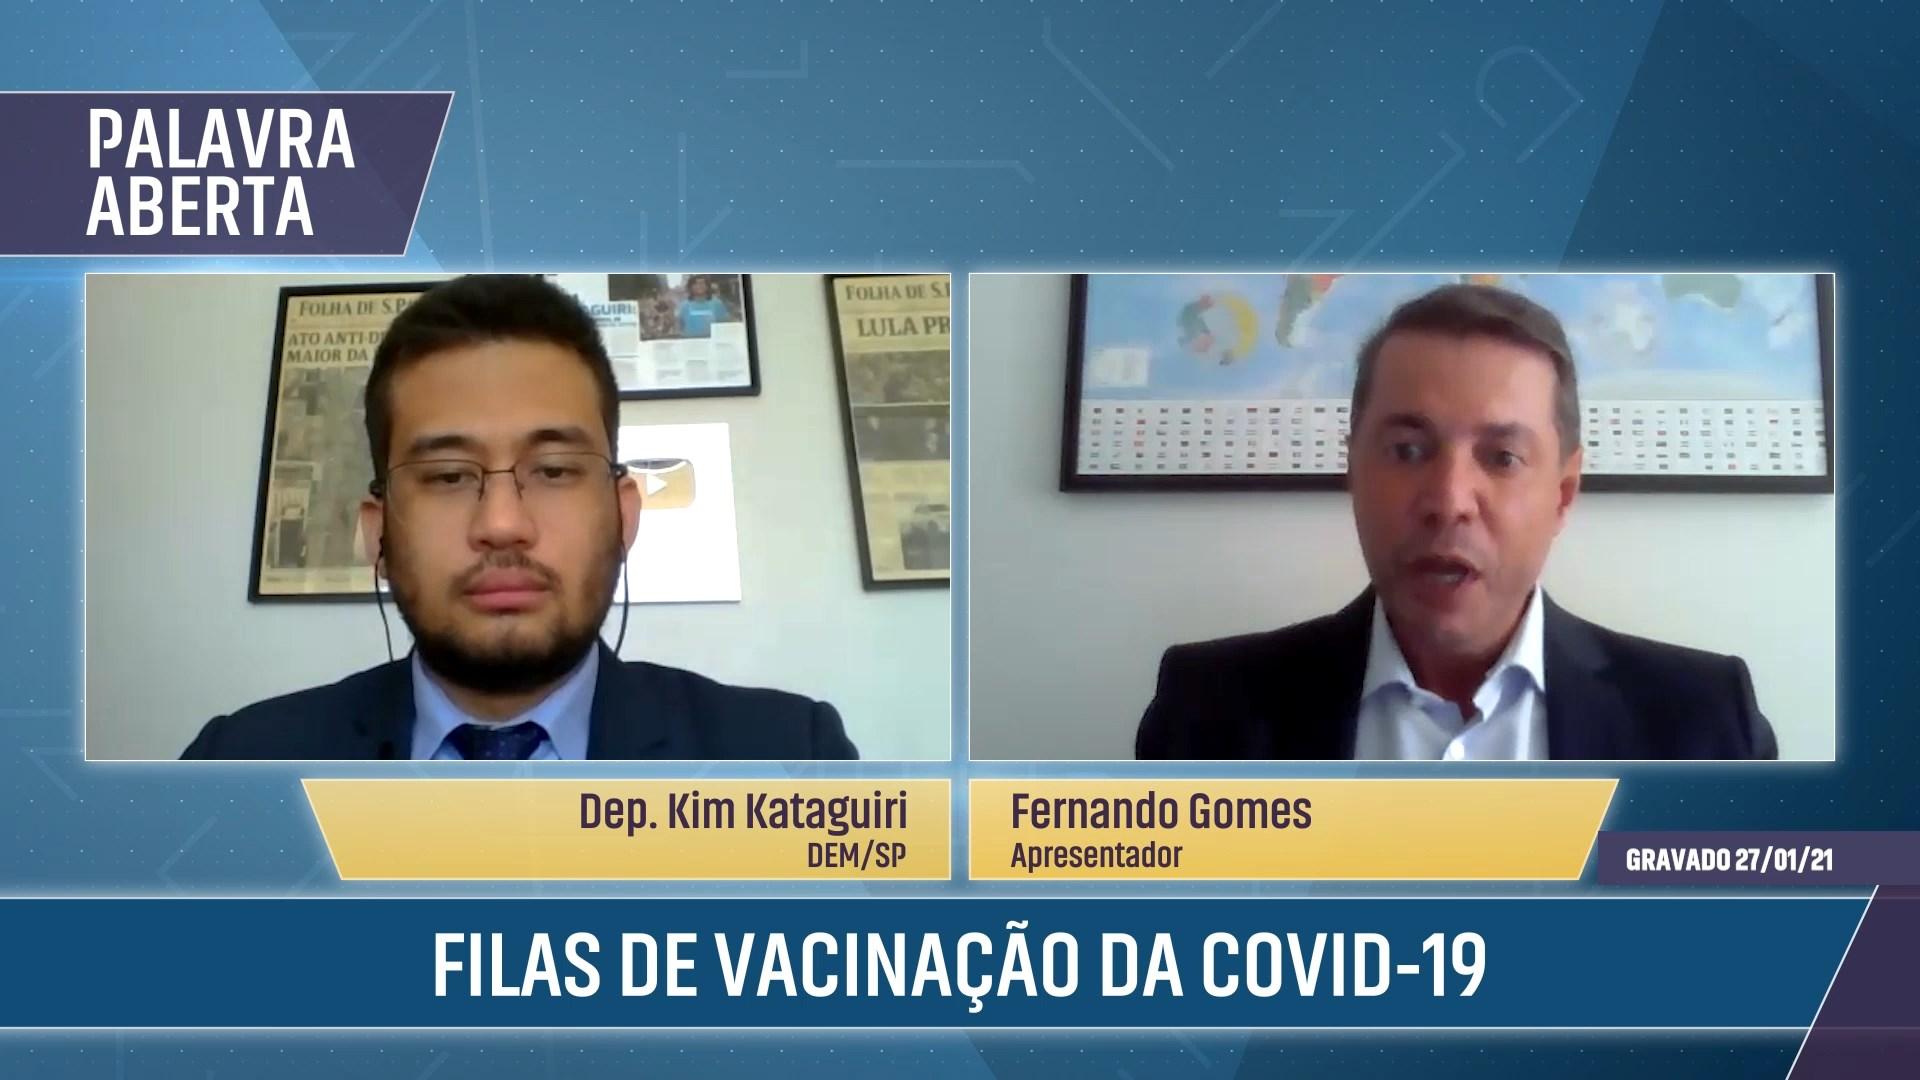 Filas de Vacinação da Covid-19